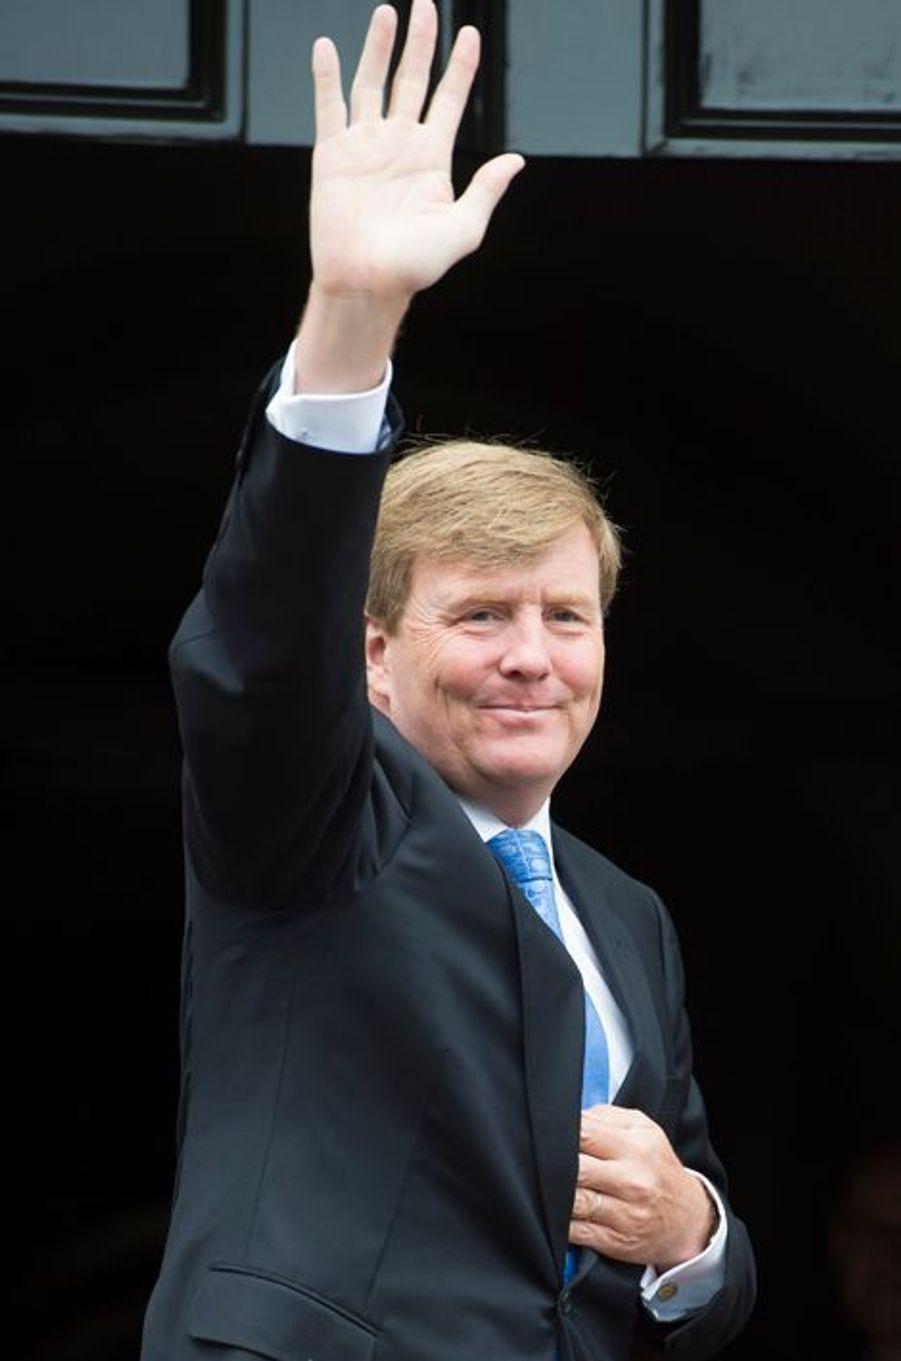 Le roi Willem-Alexander des Pays-Bas à Amsterdam, le 16 juin 2015